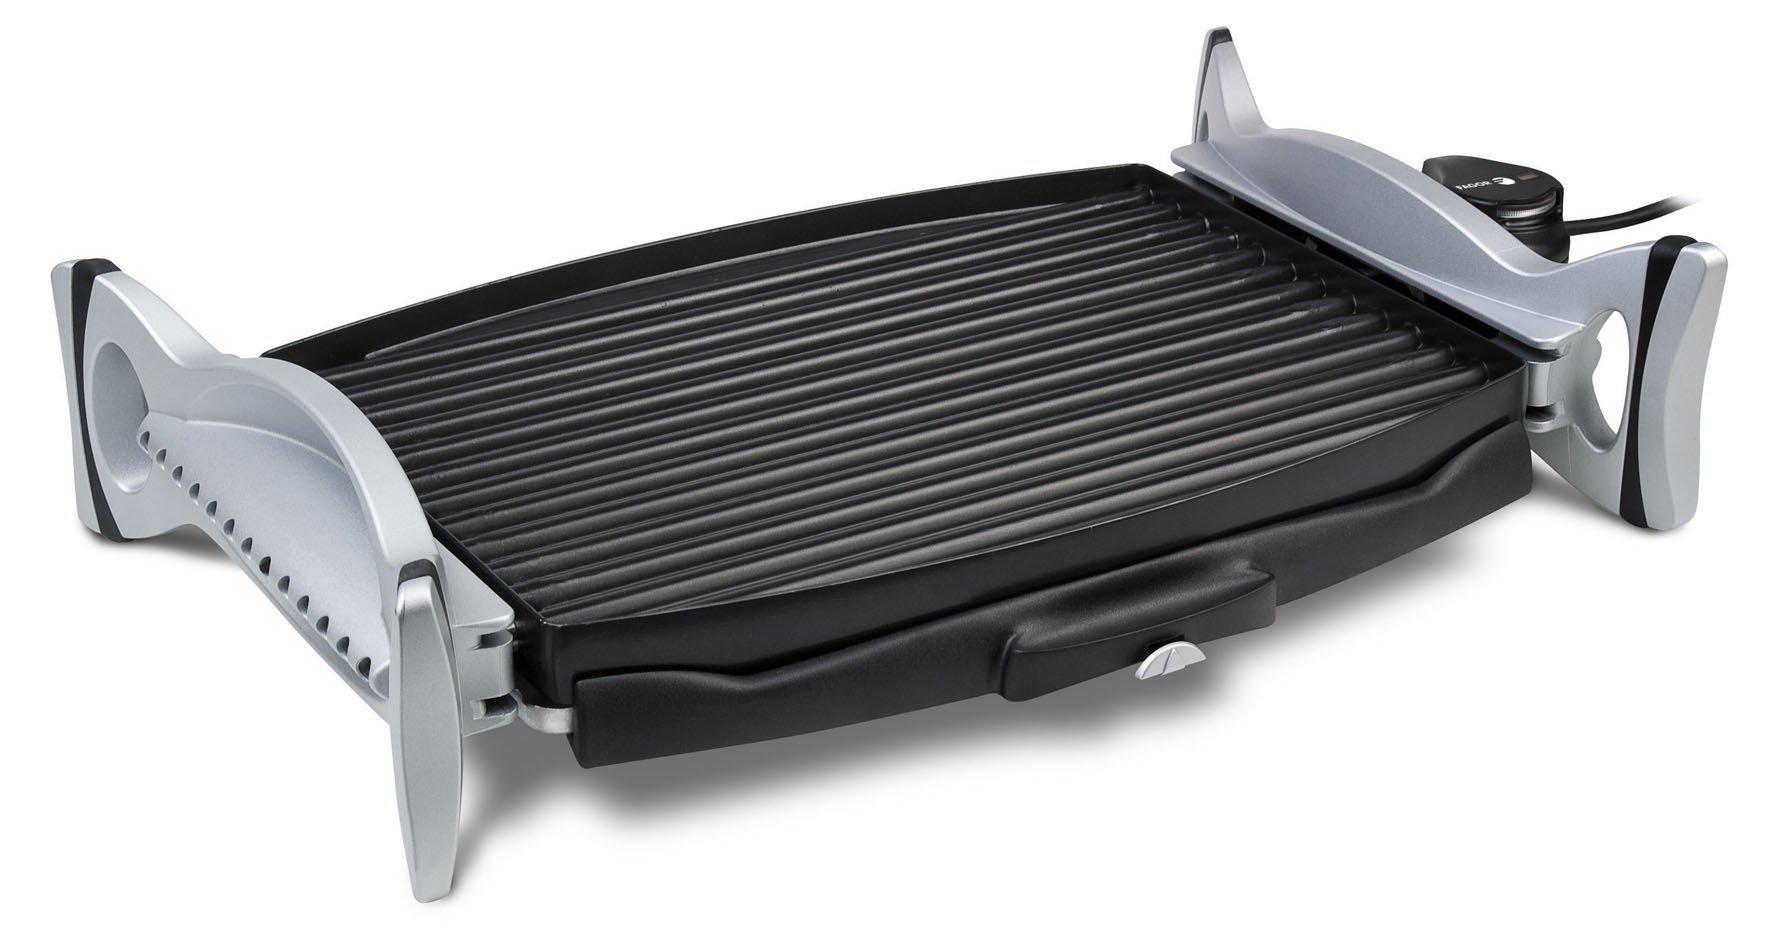 Plancha de cocina barbacoa fagor bbc 842n tabla de asar - Plancha de cocina para empotrar ...